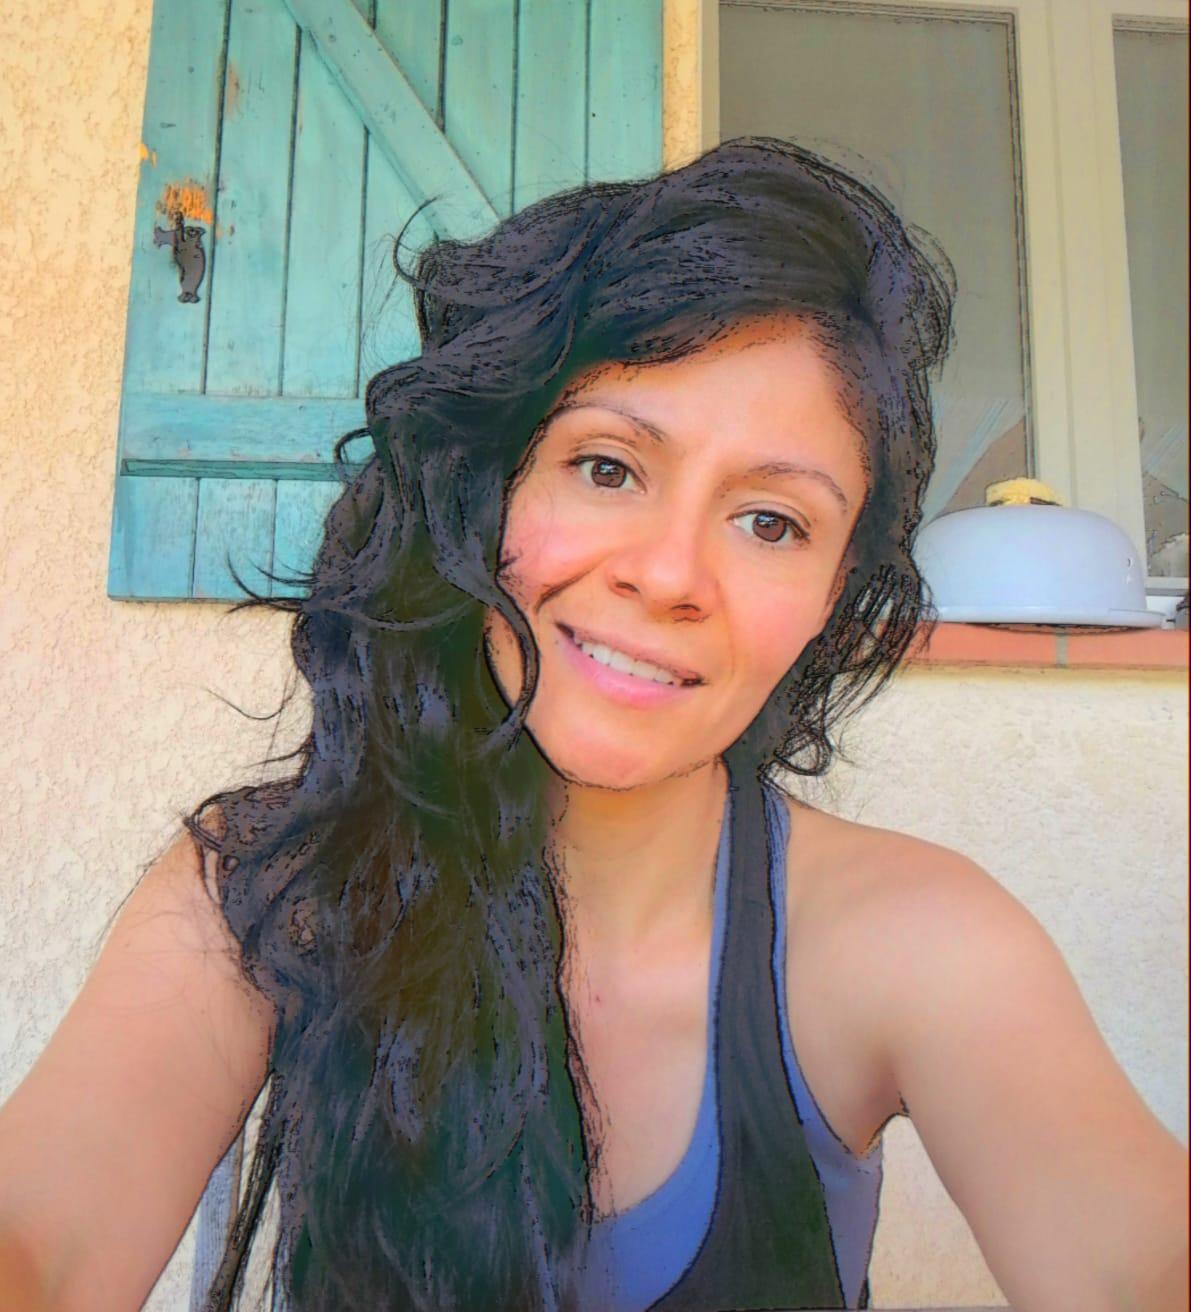 Veronica Maldonado